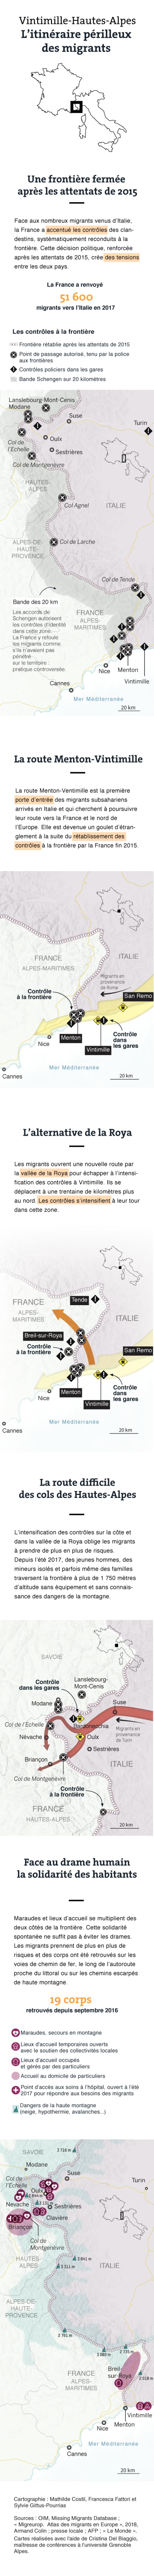 Itinéraires empruntés par les migrants pour passer la frontière franco-italienne